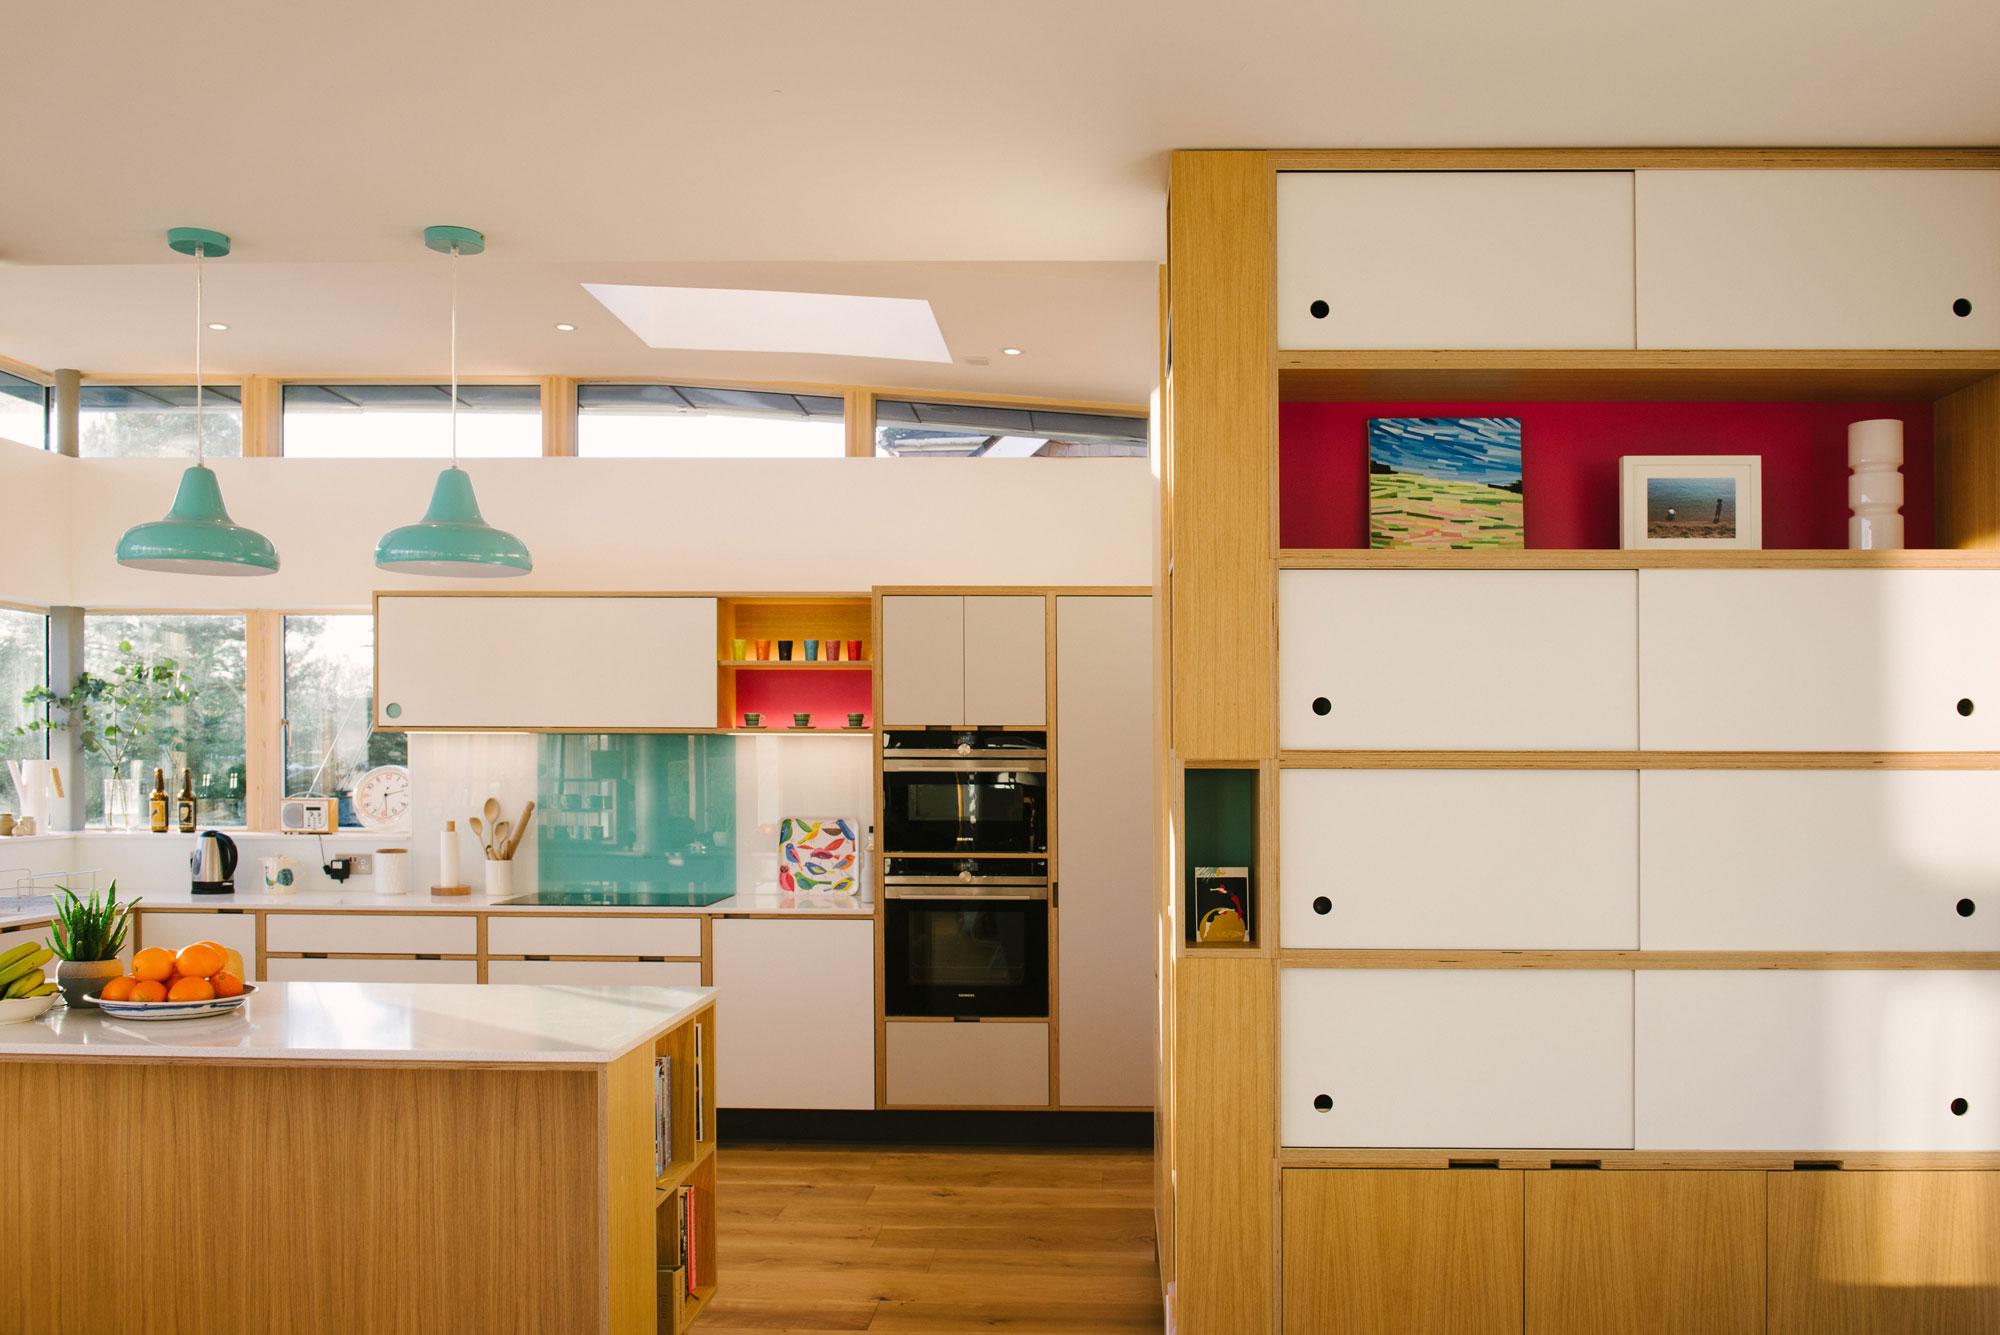 Birch plywood kitchens